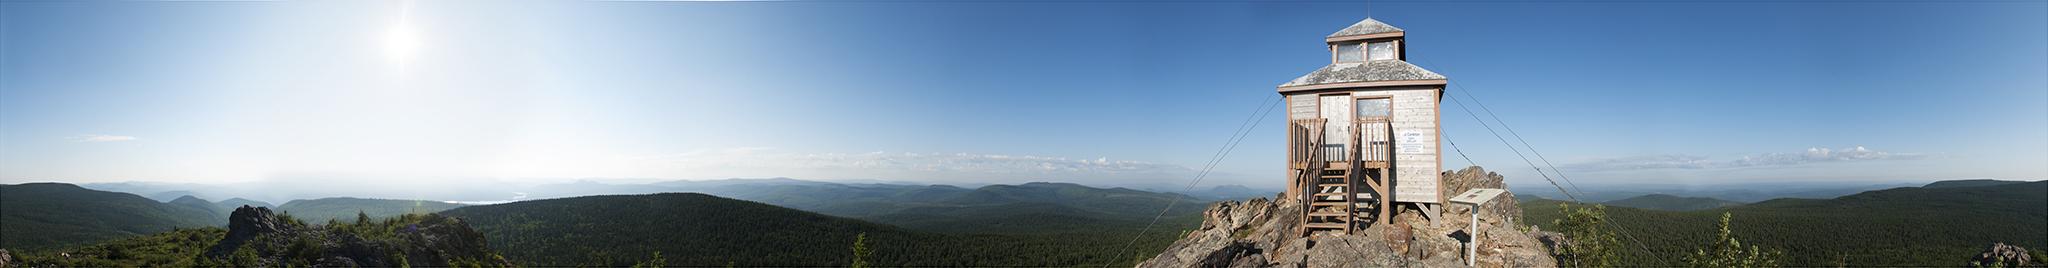 Mt Carleton